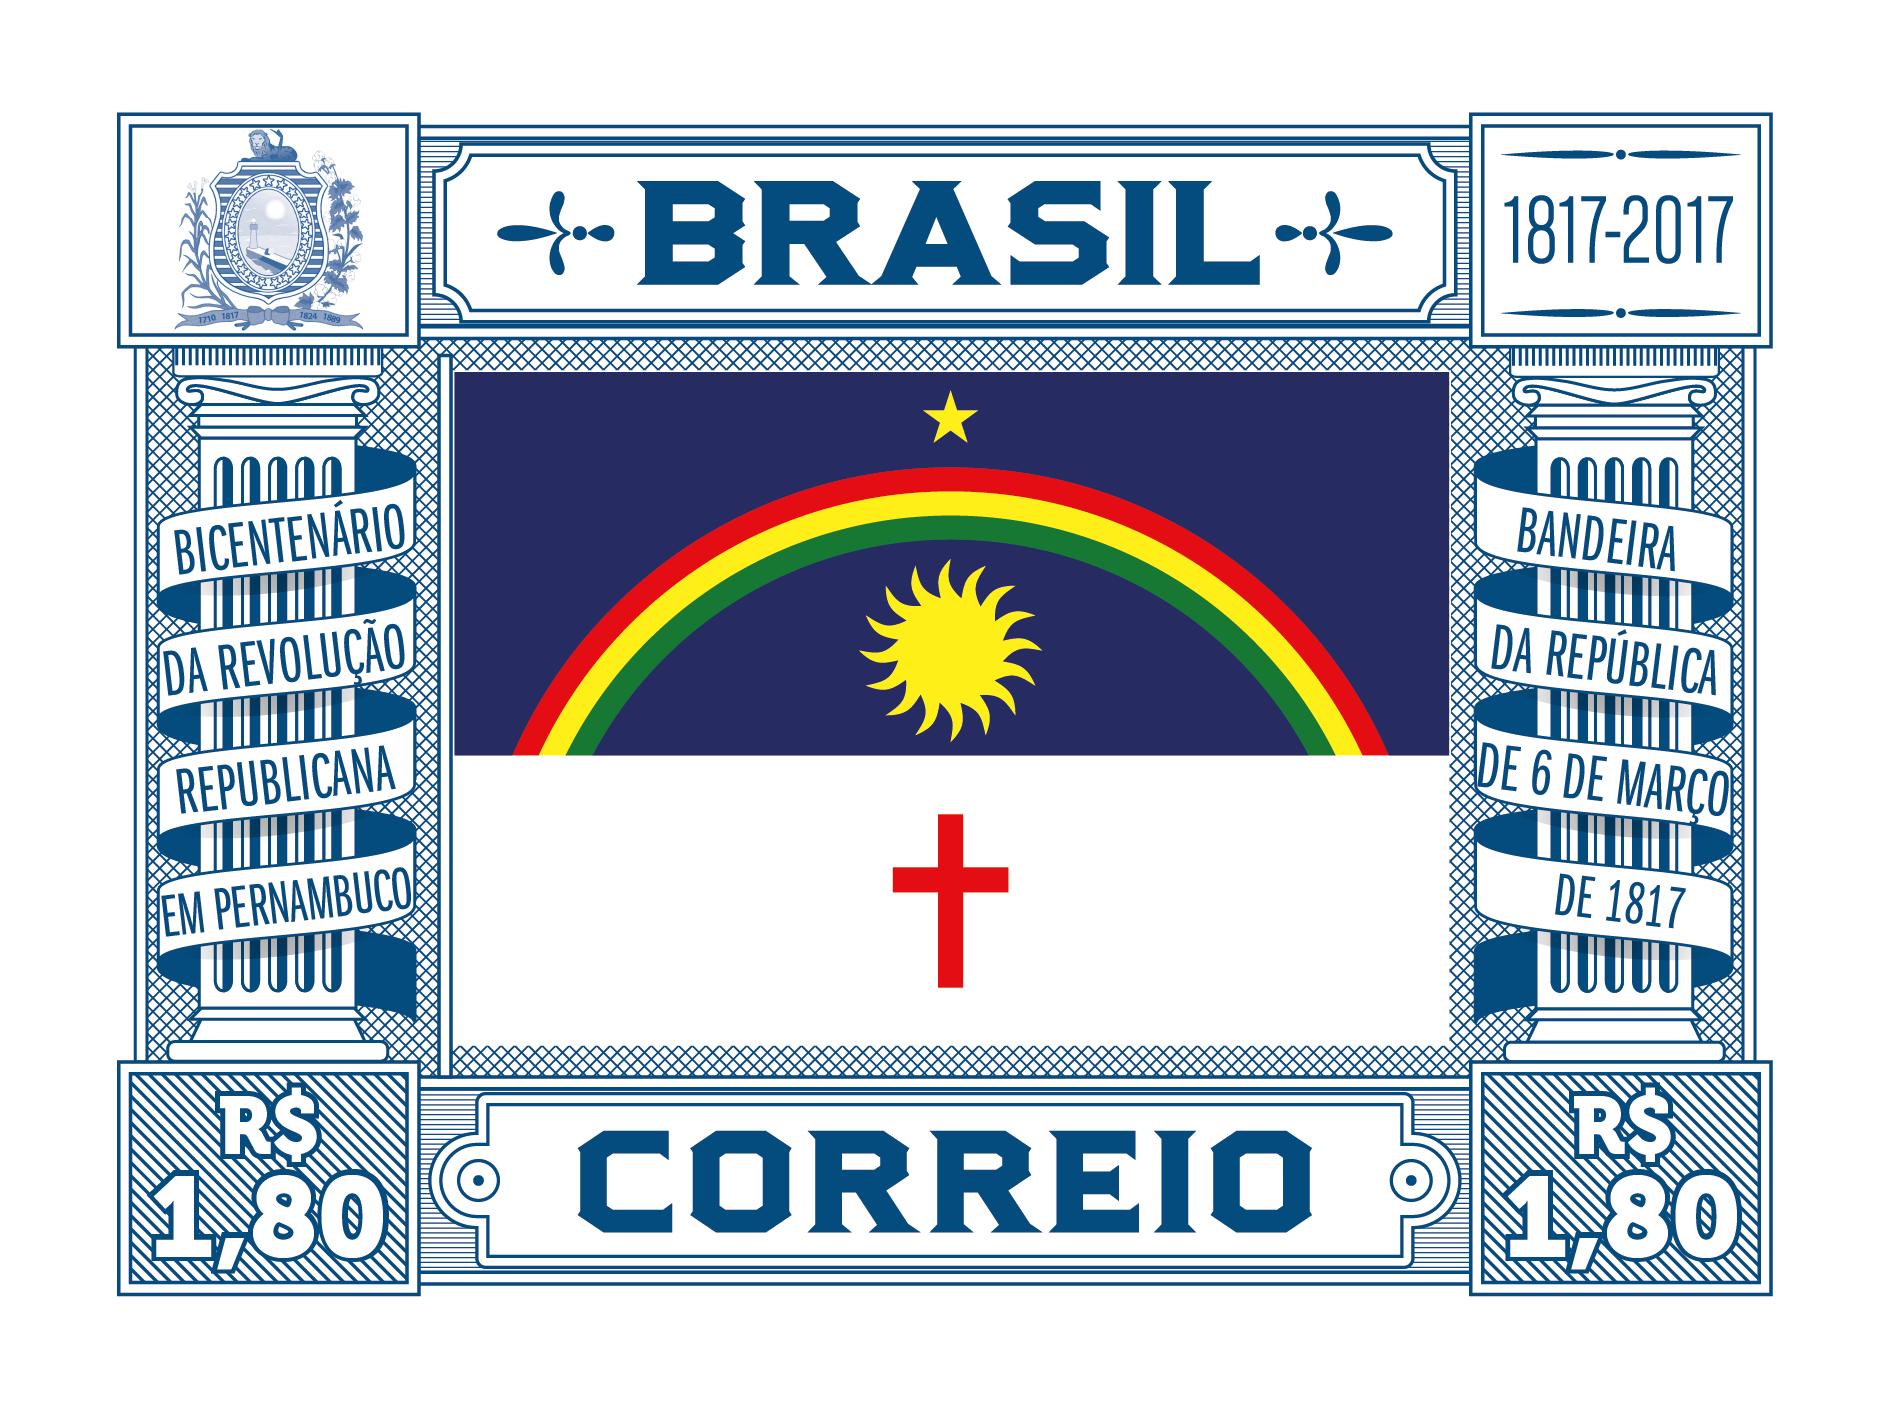 巴西8月31日发行伯南布哥共和革命百年纪念邮票